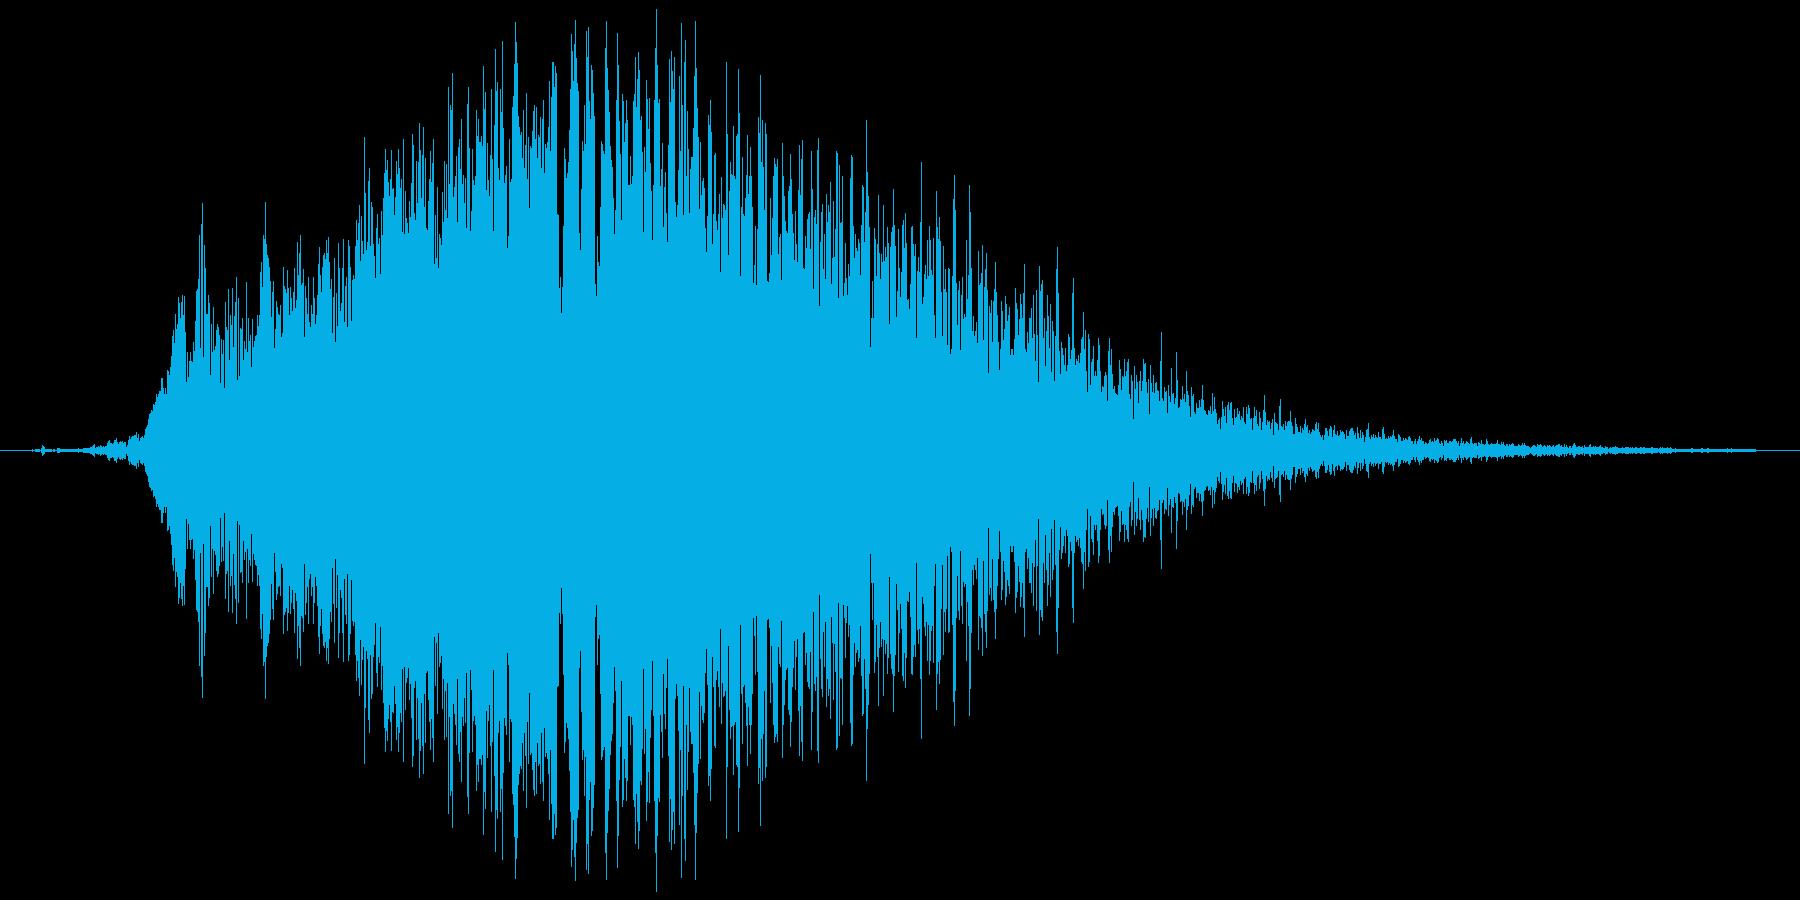 (おばけの呪文)の再生済みの波形